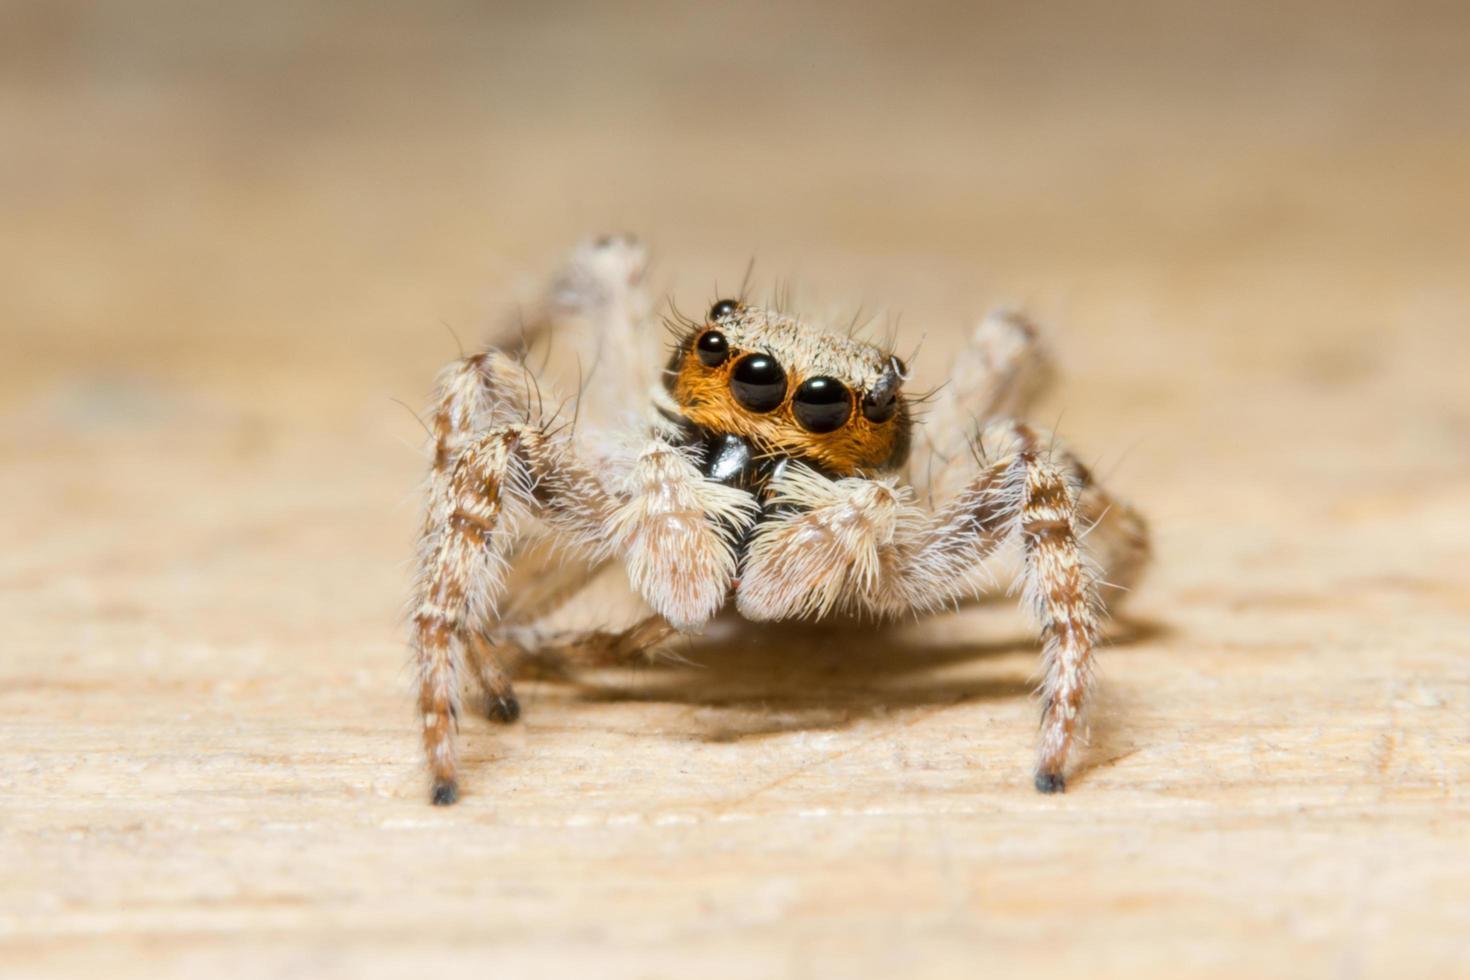 araignée macro sur bois photo